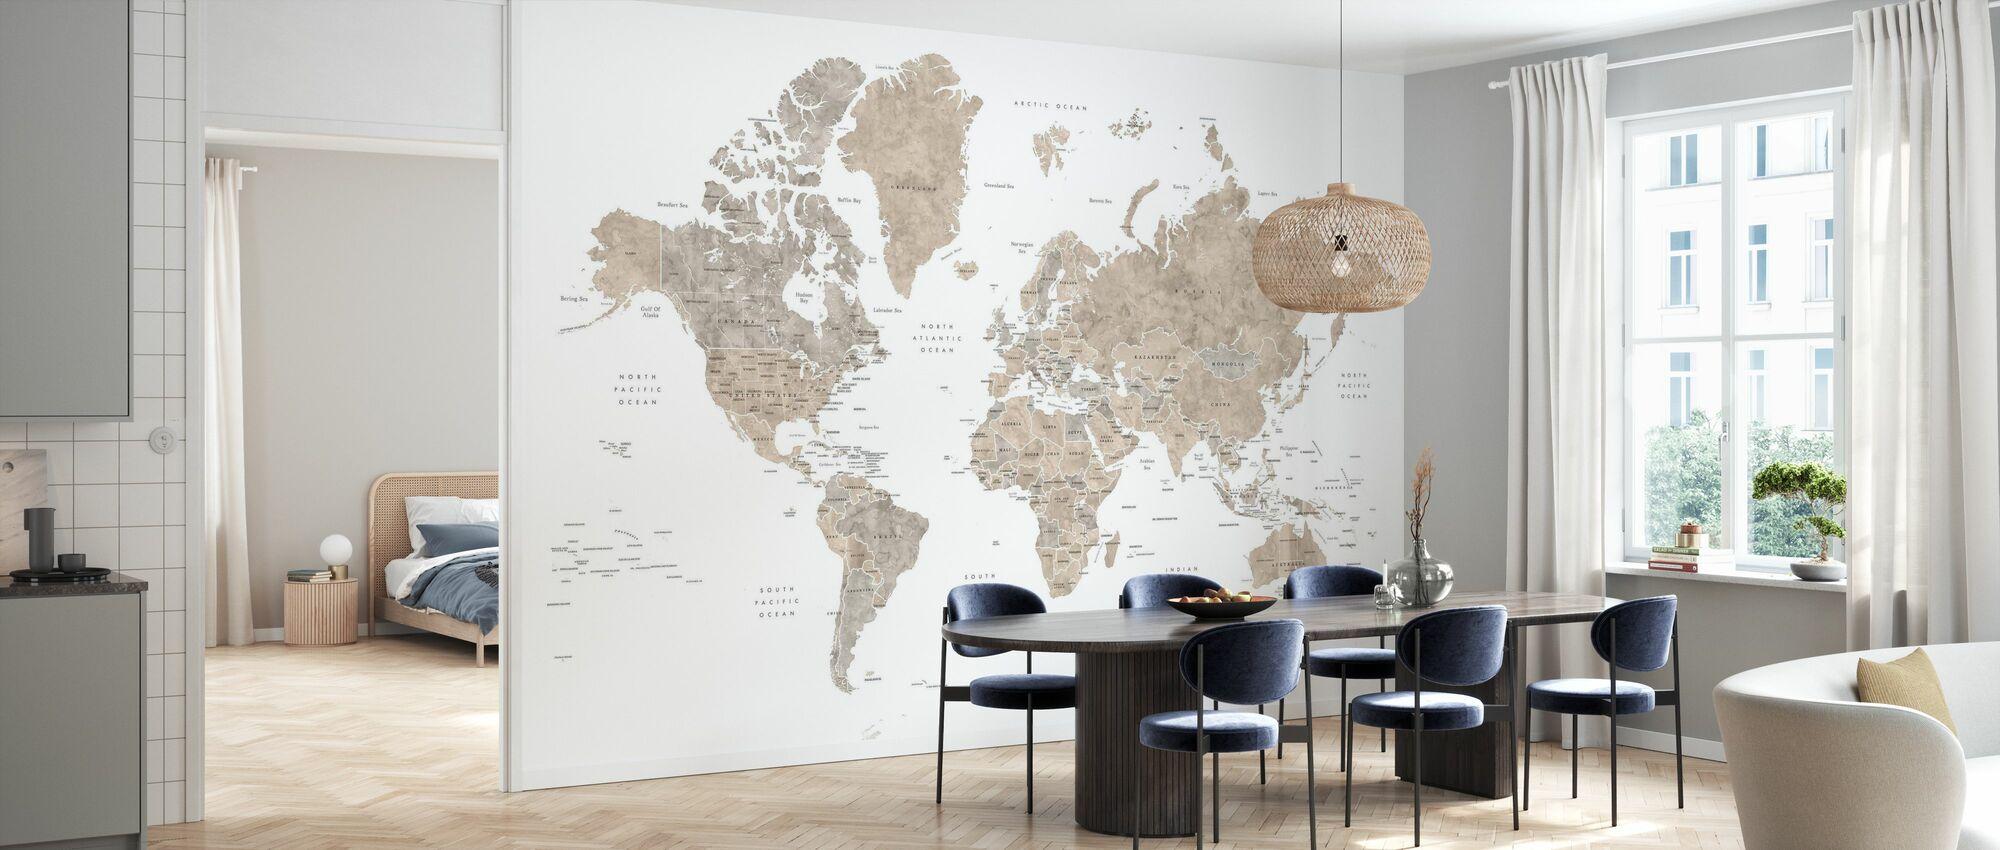 Weltkarte mit Ländern - Tapete - Küchen